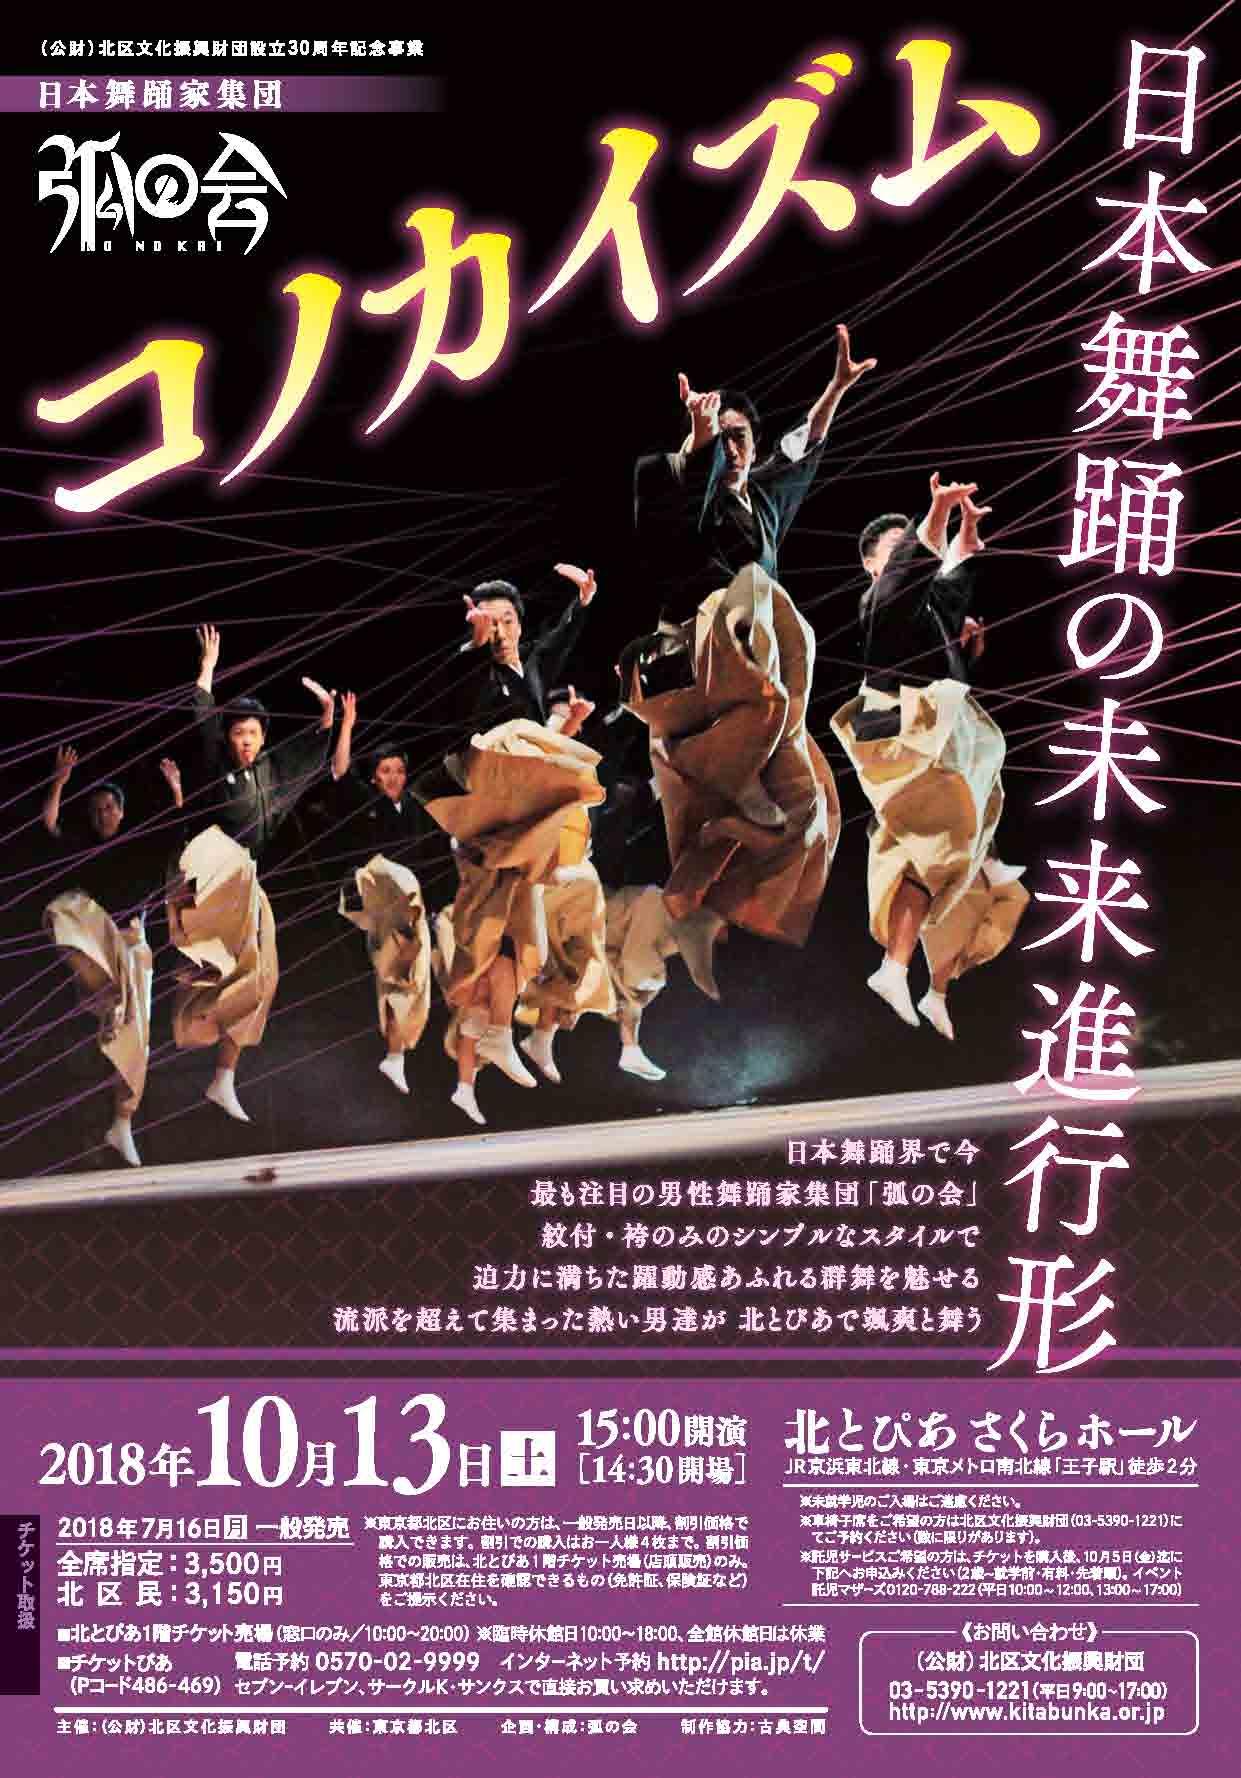 日本舞踊家集団 弧の会 『コノカイズム』